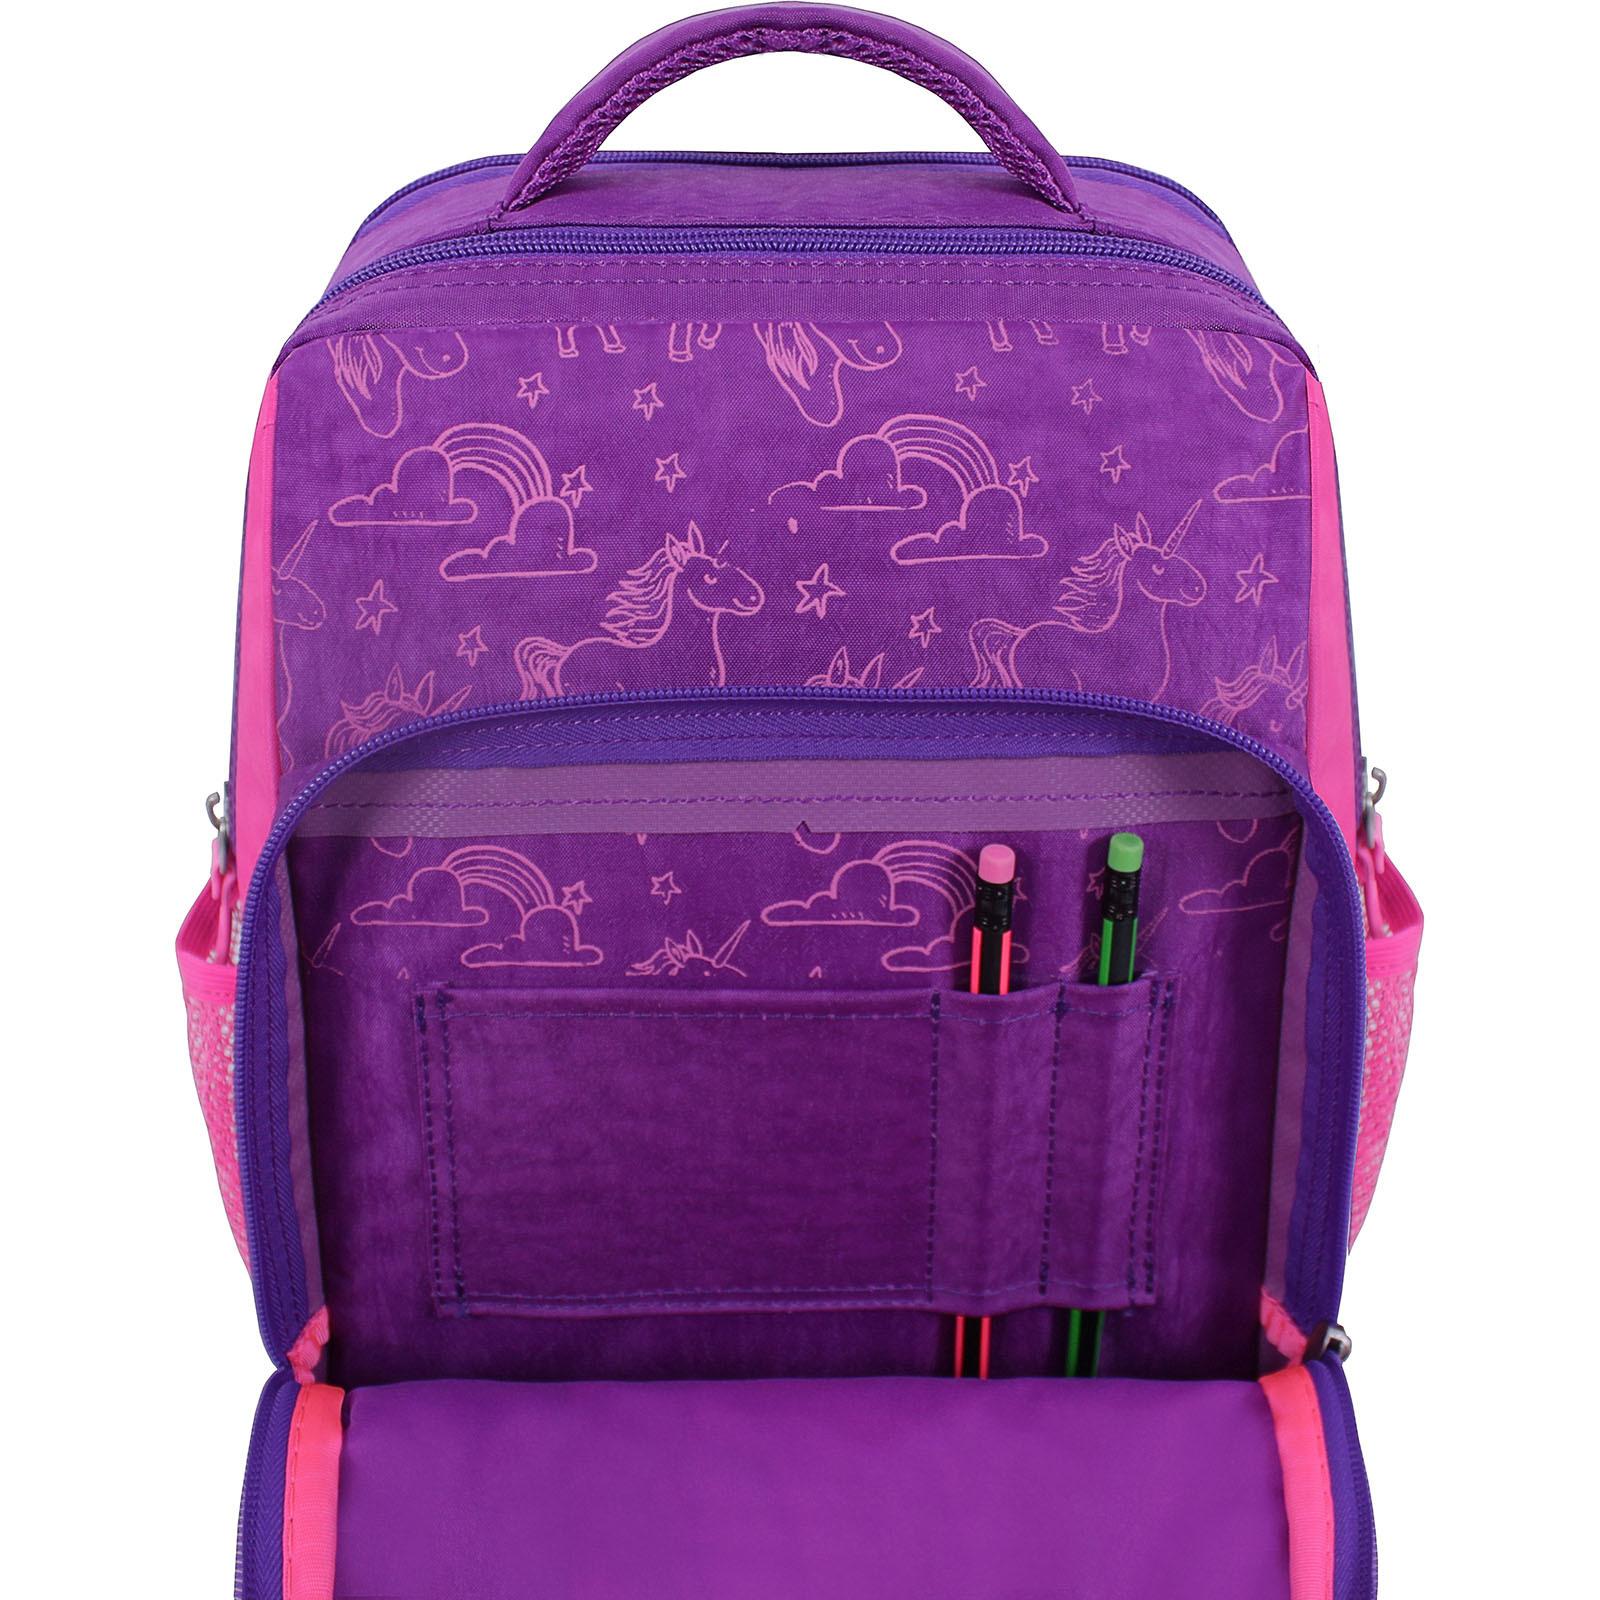 Рюкзак школьный Bagland Школьник 8 л. фиолетовый 596 (0012870) фото 4